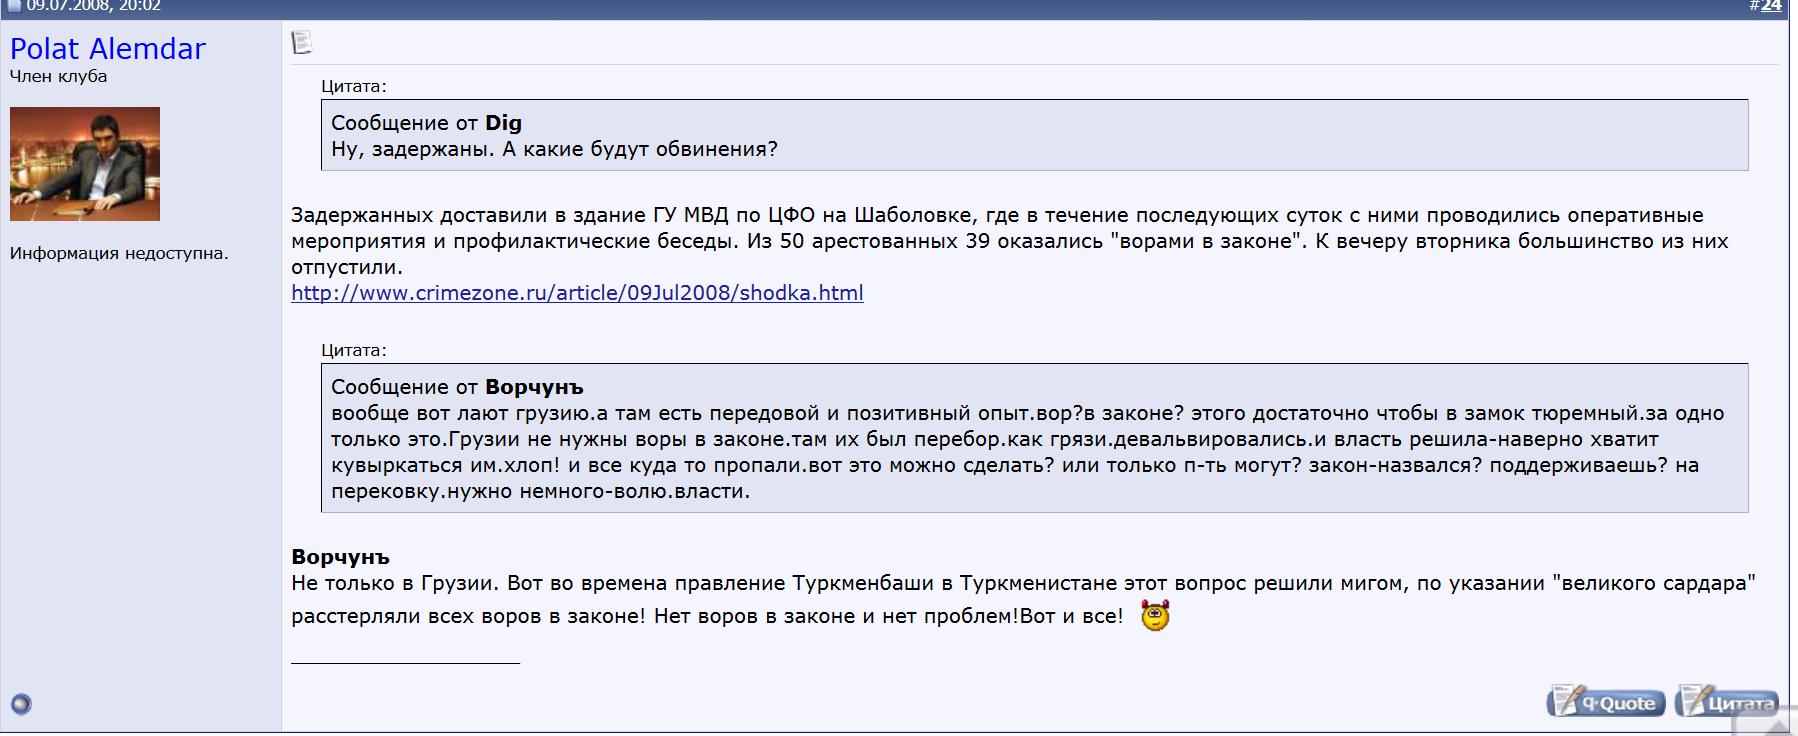 Цитата: а в Грузии и Туркмении нет воров в законе...